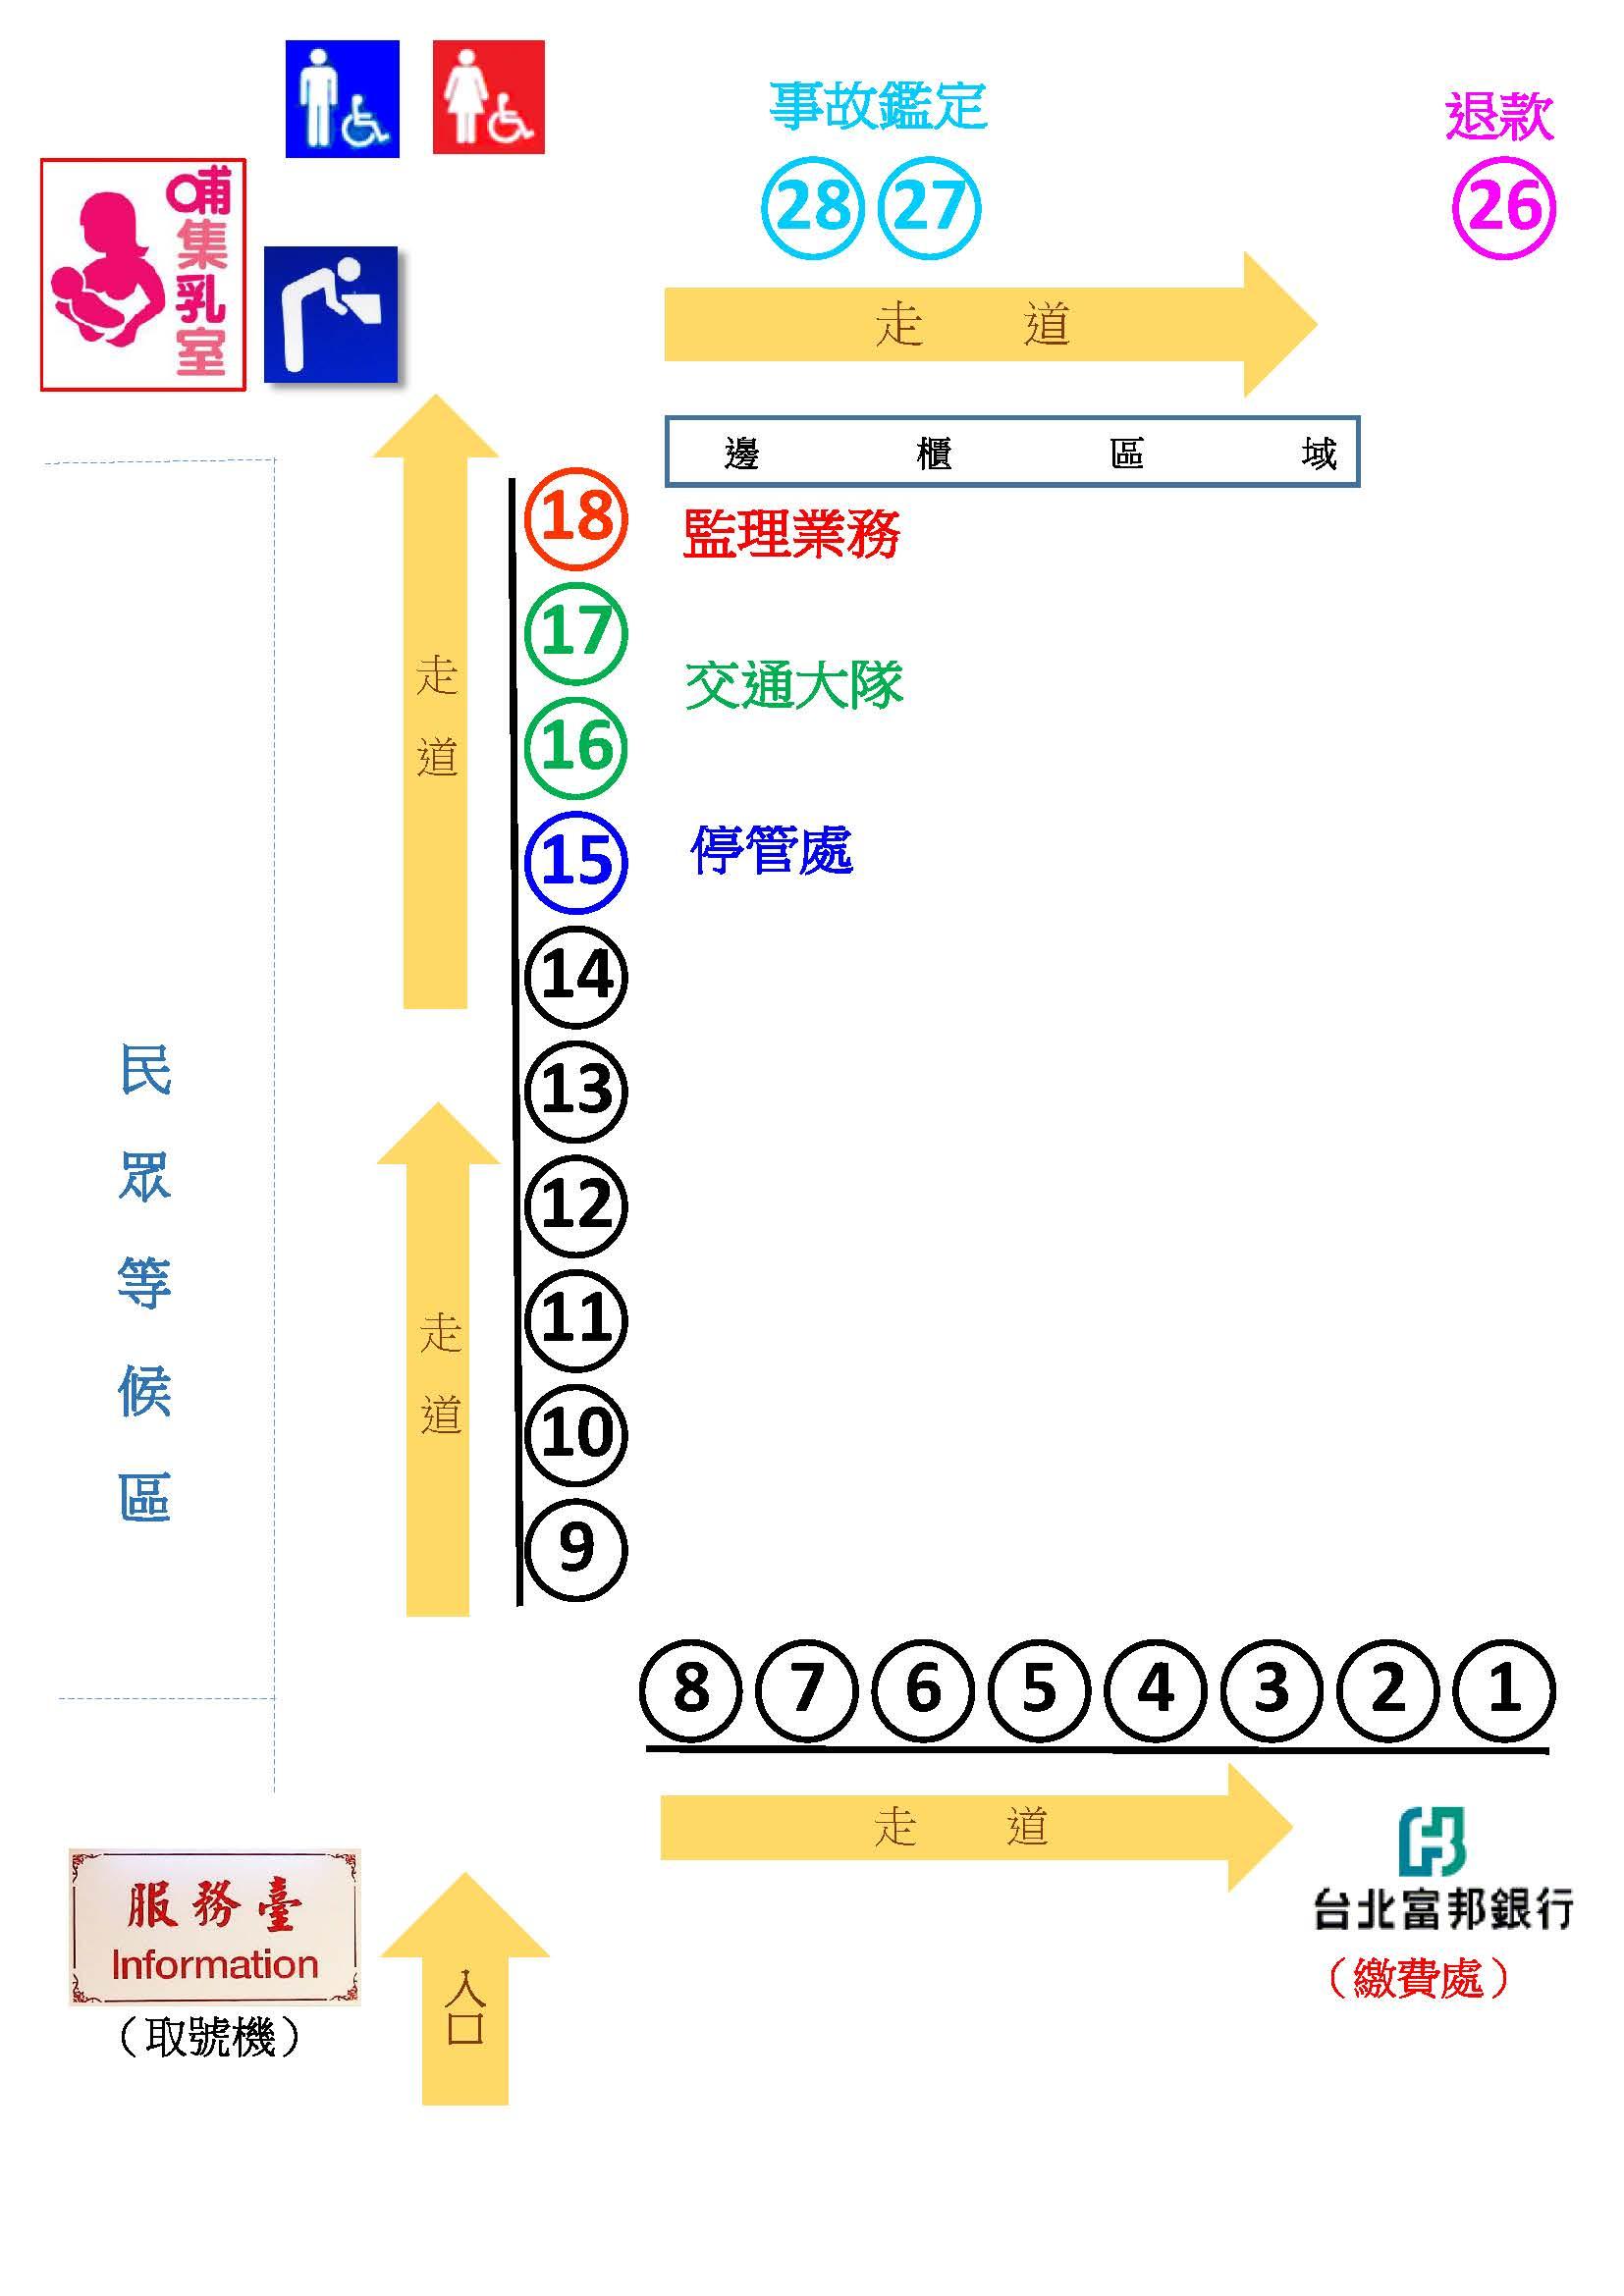 7樓櫃檯分布圖